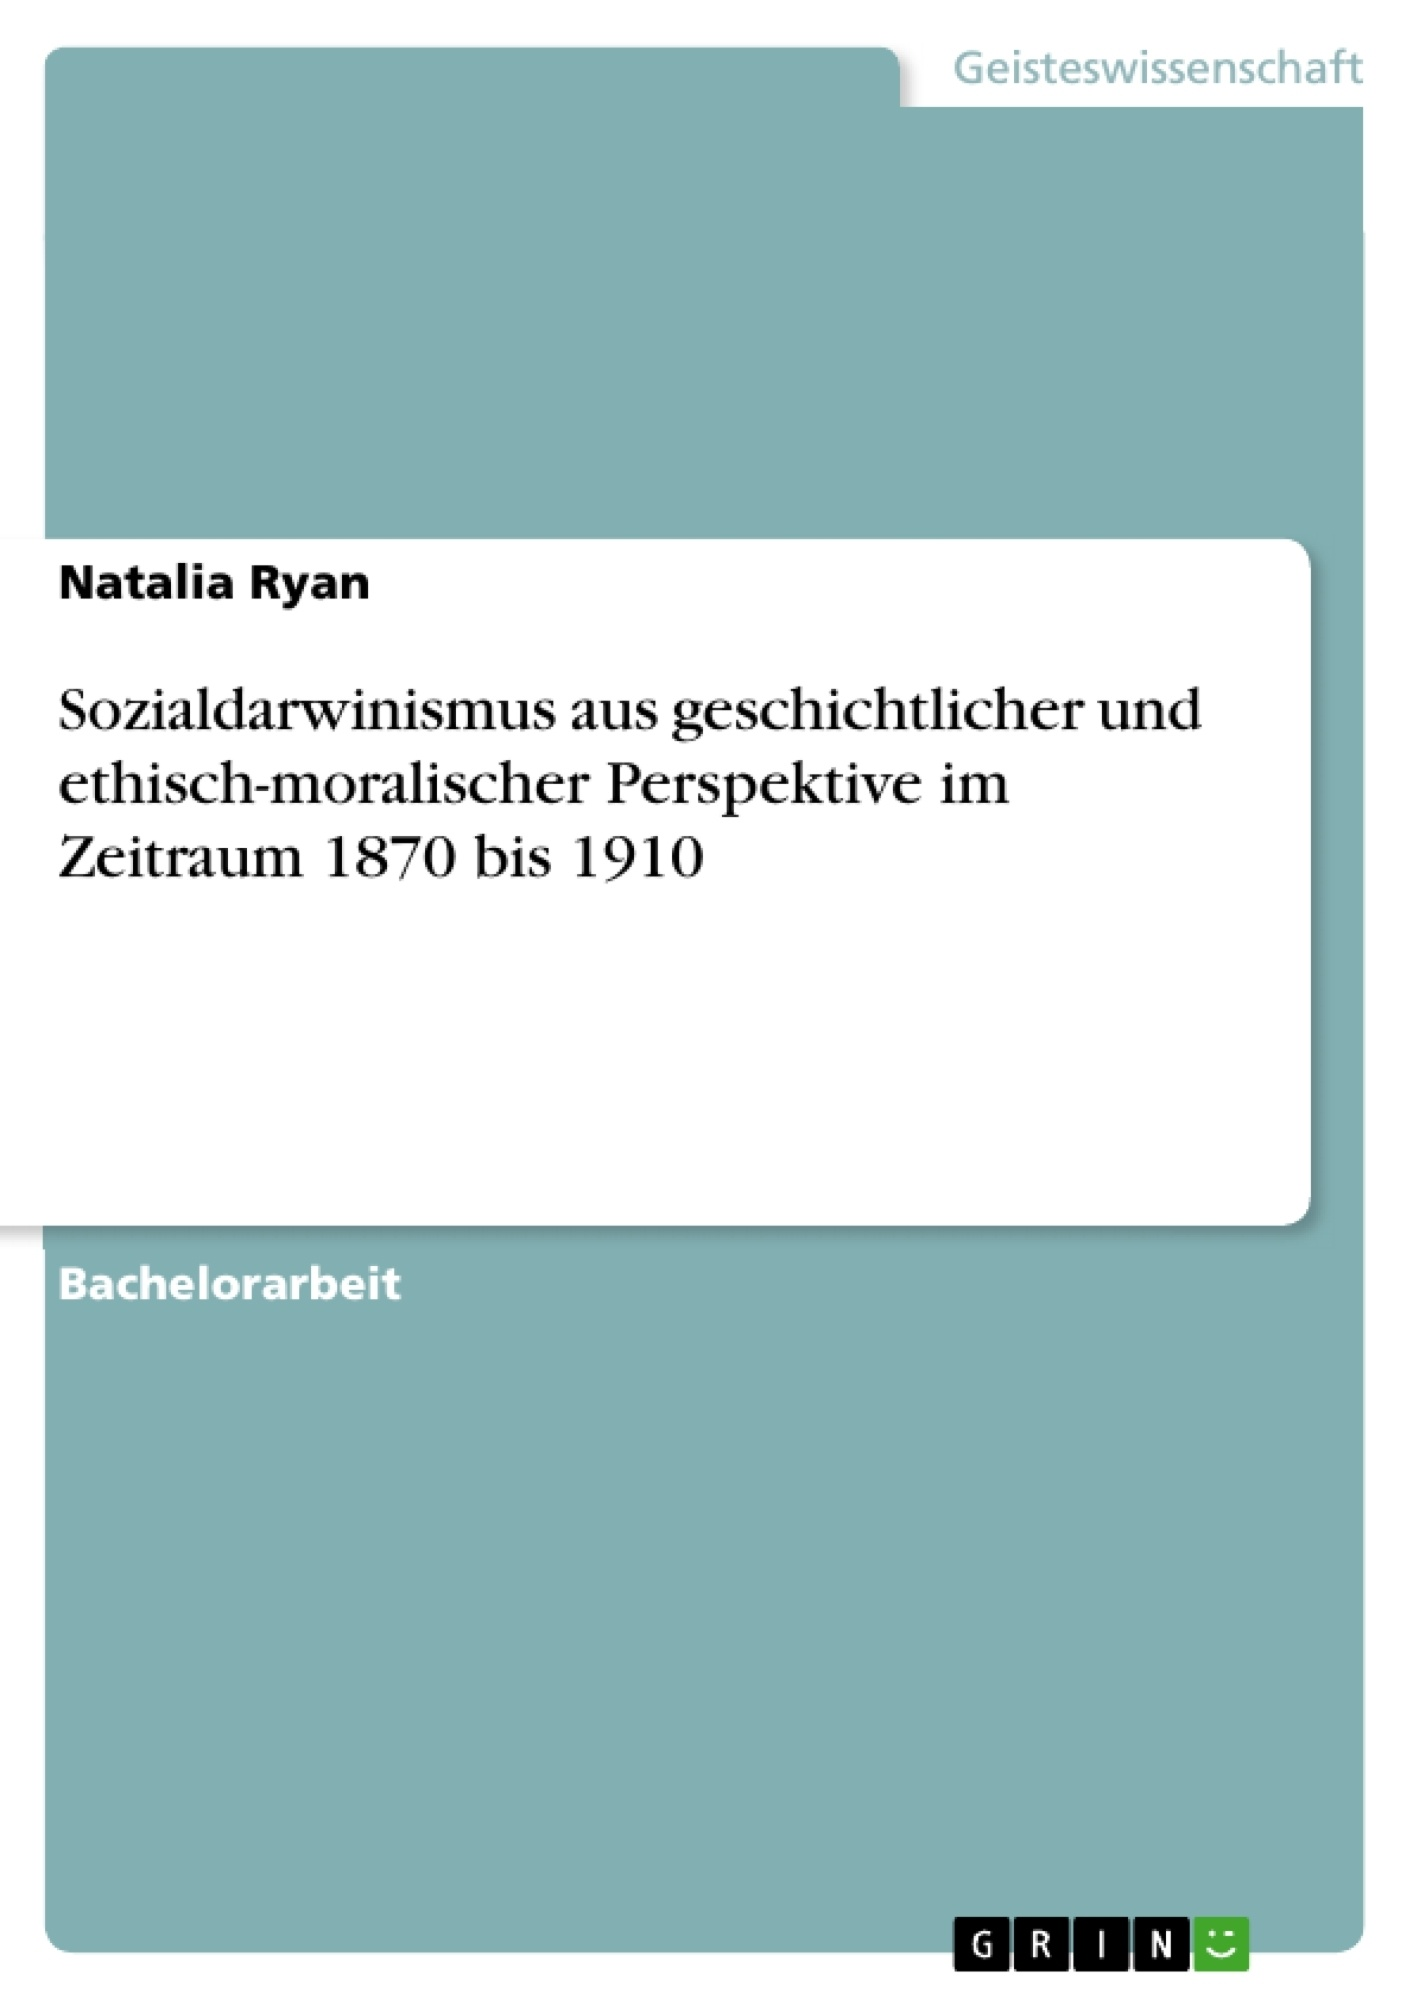 Titel: Sozialdarwinismus aus geschichtlicher und ethisch-moralischer Perspektive im Zeitraum 1870 bis 1910